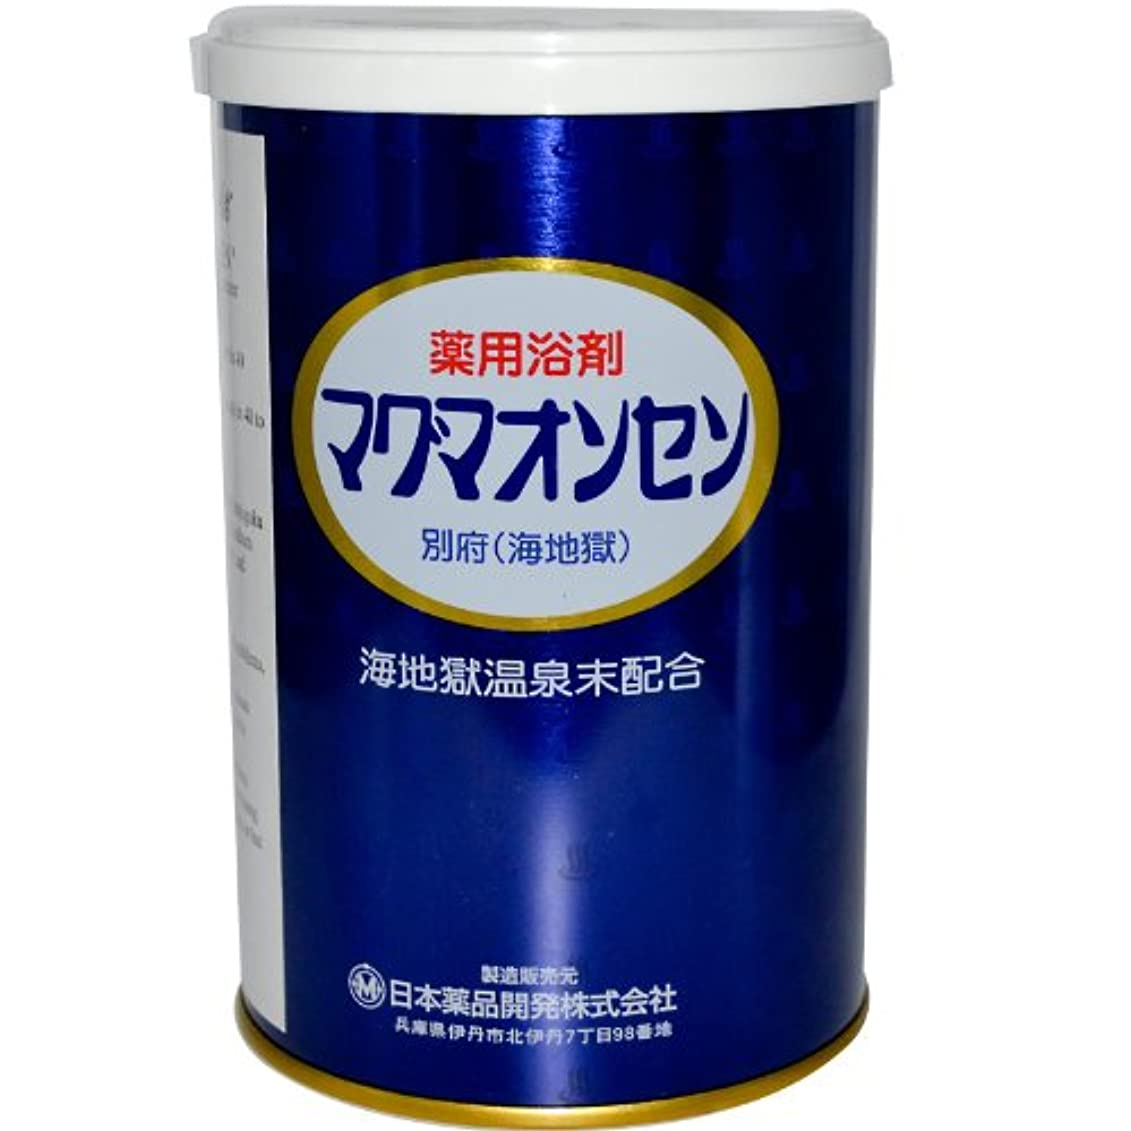 貯水池村癌マグマオンセン別府(海地獄) 500g